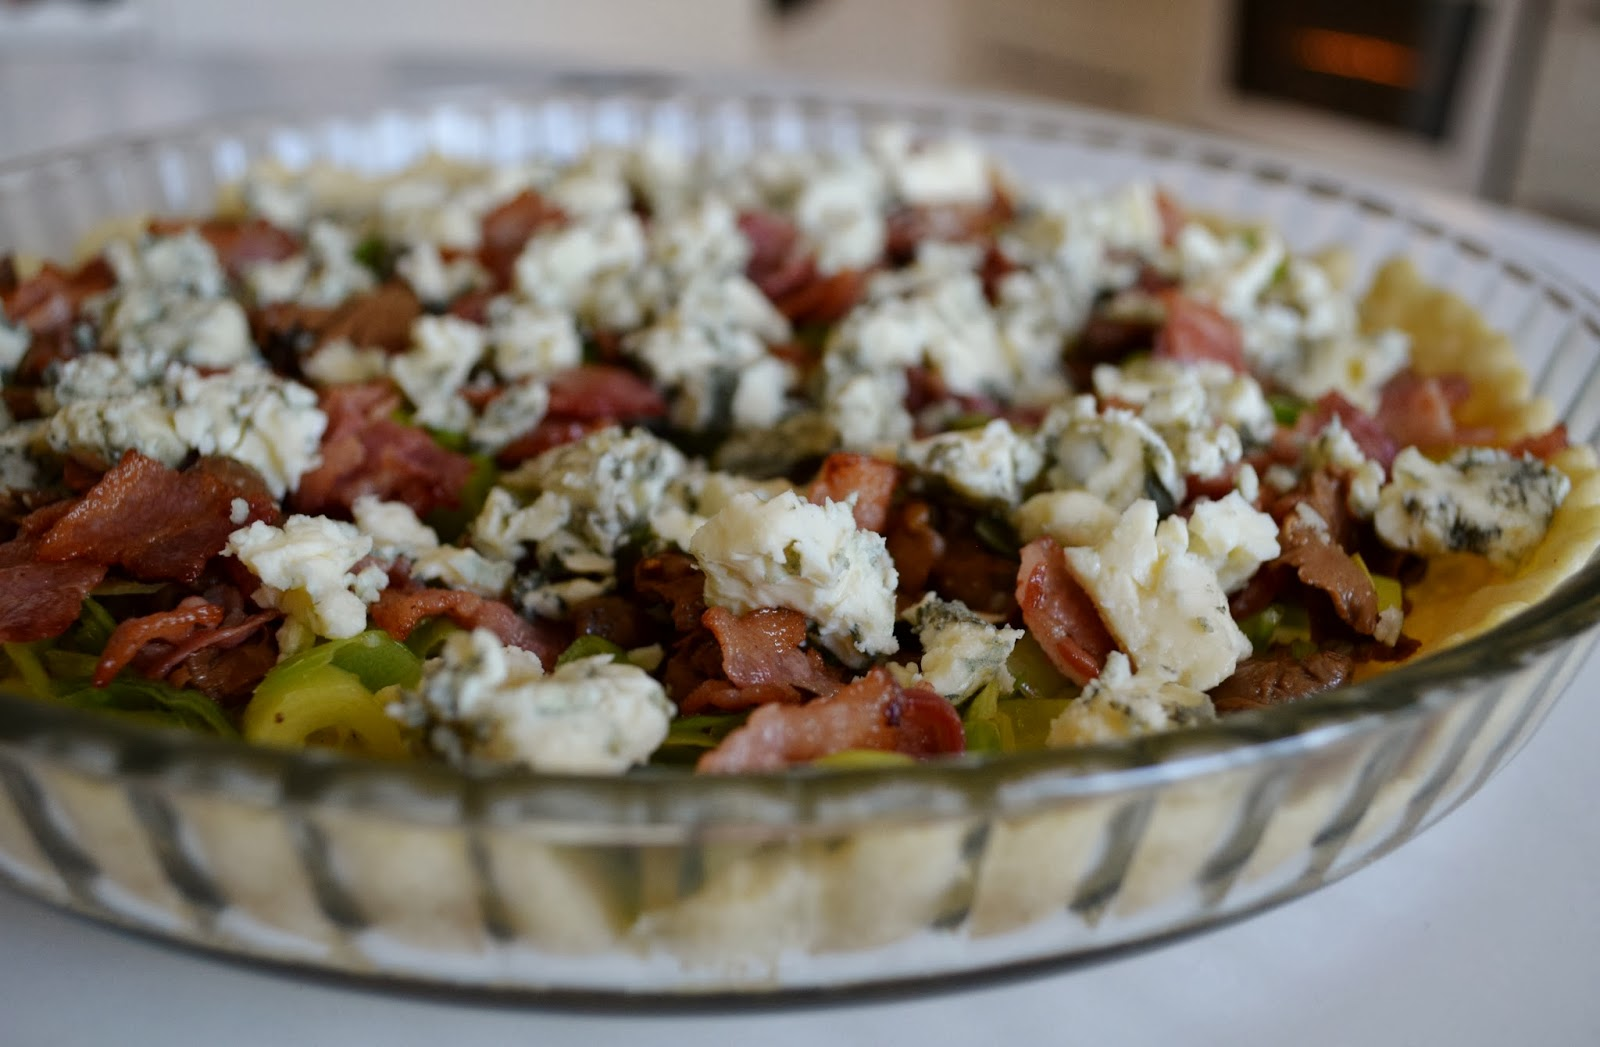 kantarellpaj med bacon och ädelost